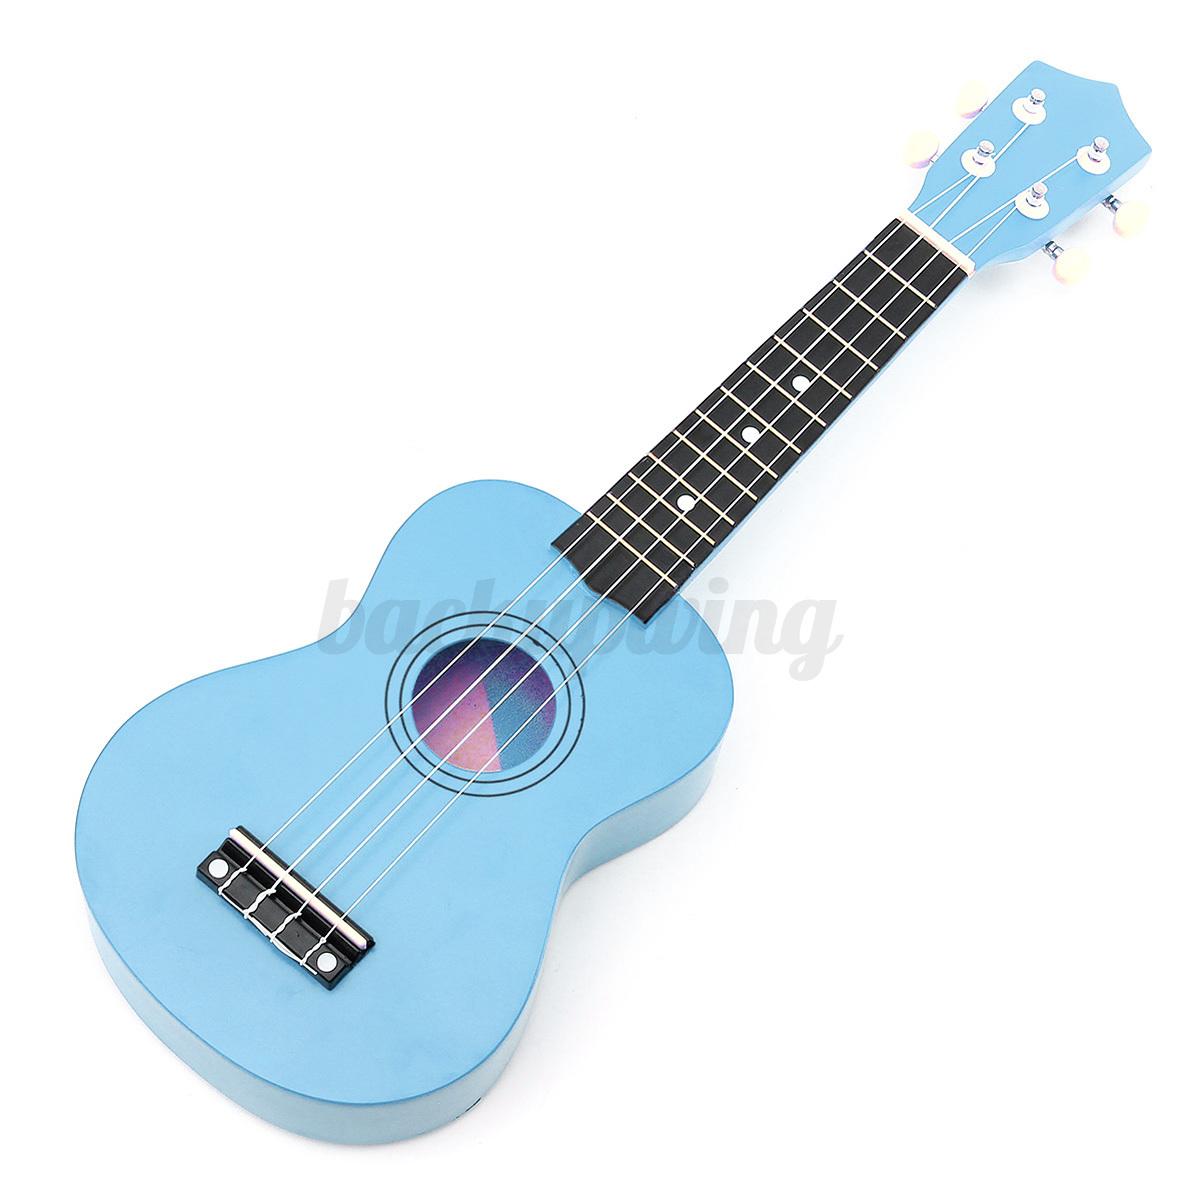 21'' Ukulele Sopran Gitarre Acoustic Guitar 4-String Kinder Geschenk fr Anfänger Blau